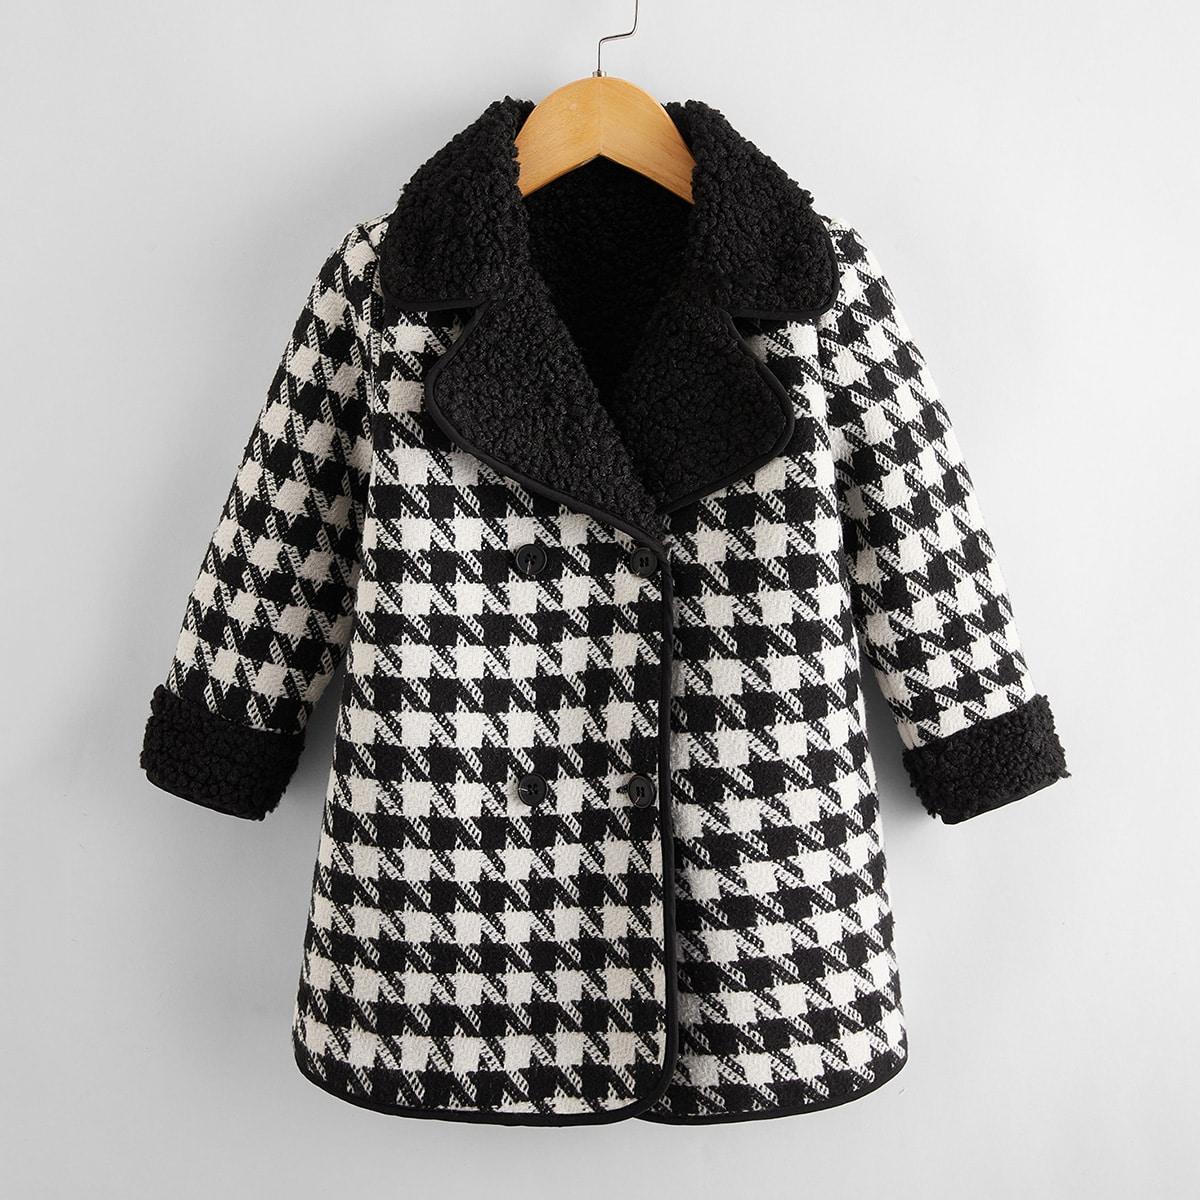 Двойная кнопка Ломаная клетка Повседневный Пальто для маленьких девочек